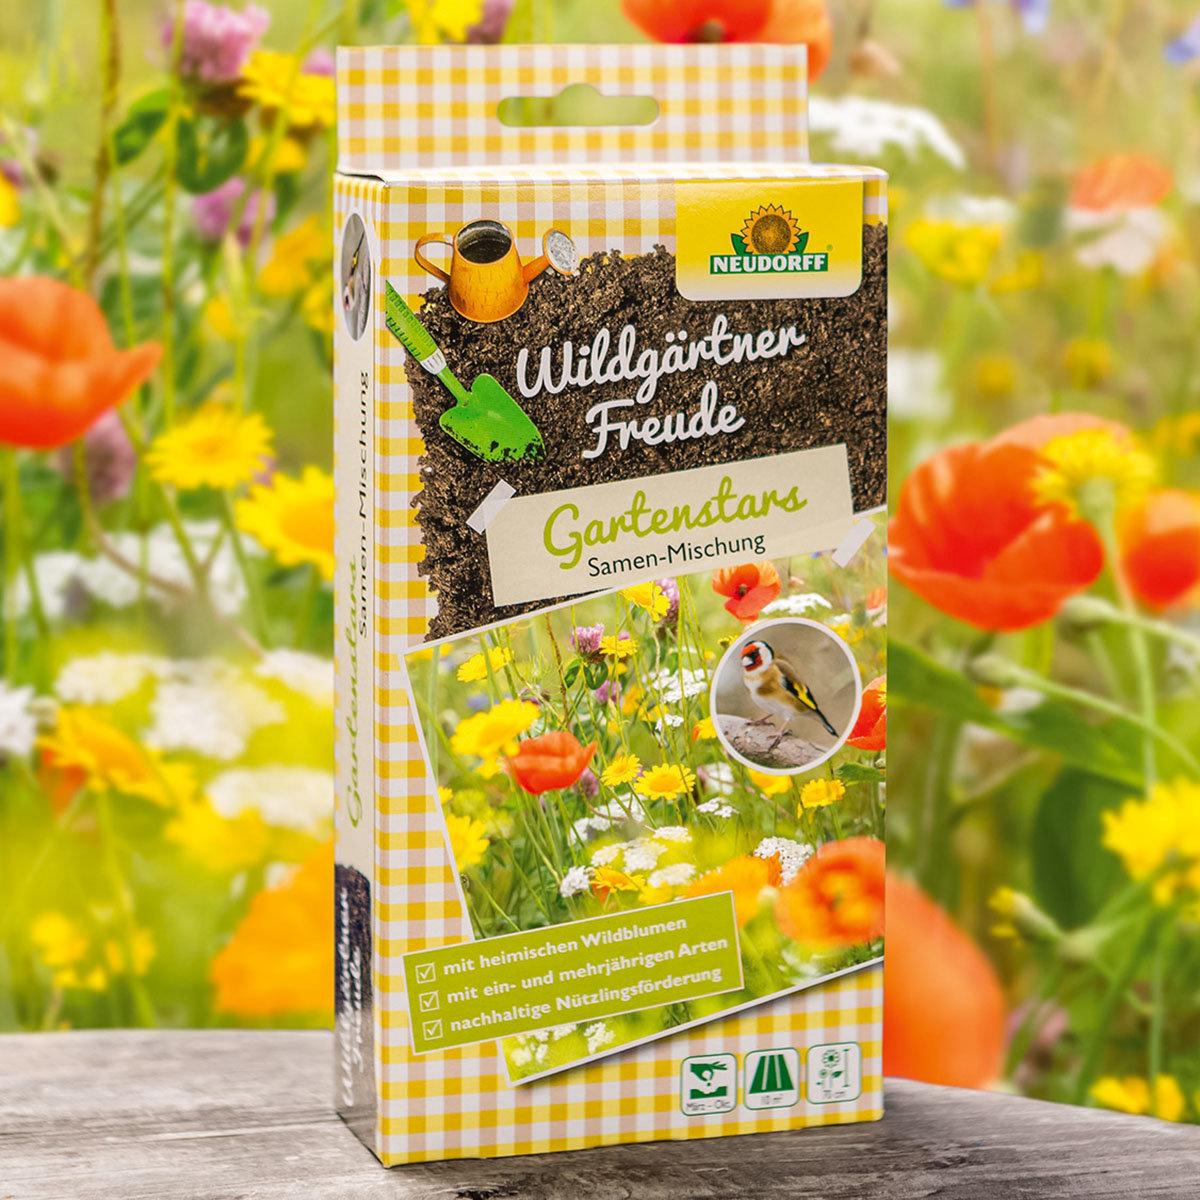 Wildgärtner Freude Gartenstars, 50 g